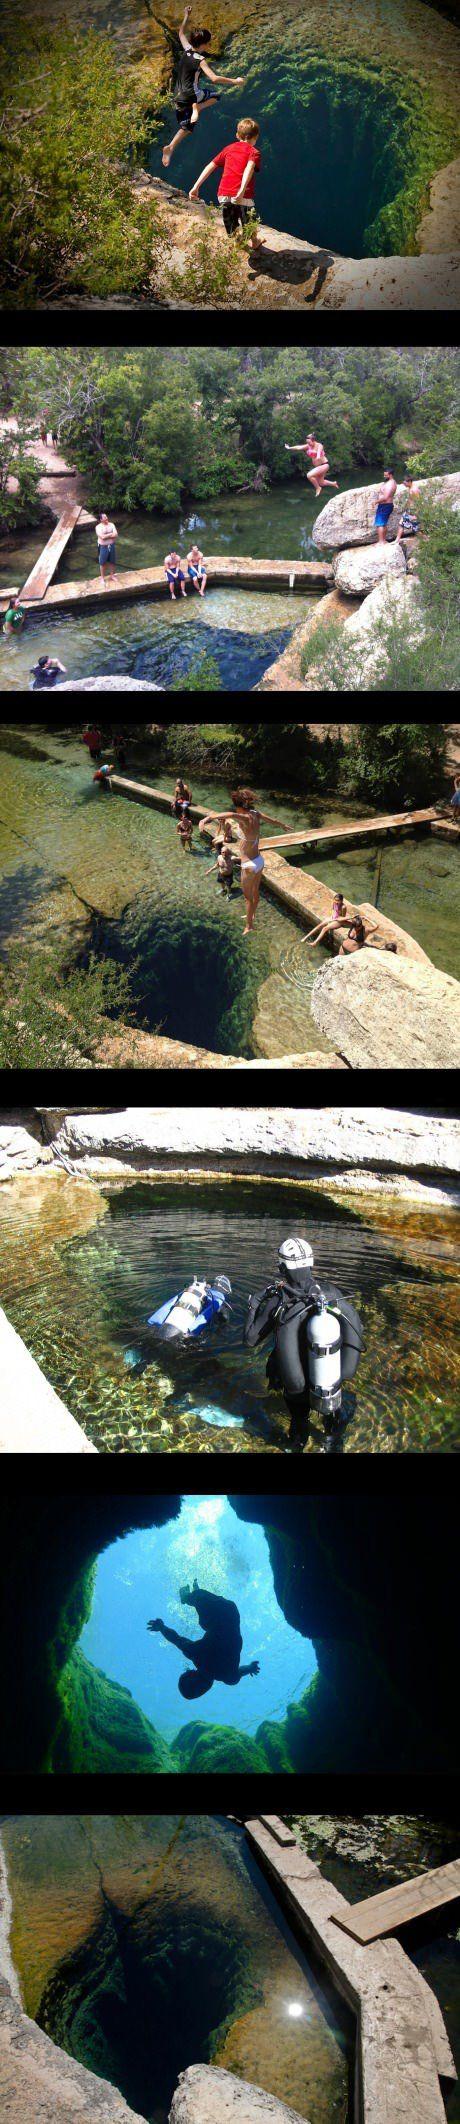 Jacob's Well, einer der wohl coolsten Orte der Welt – Win Bild